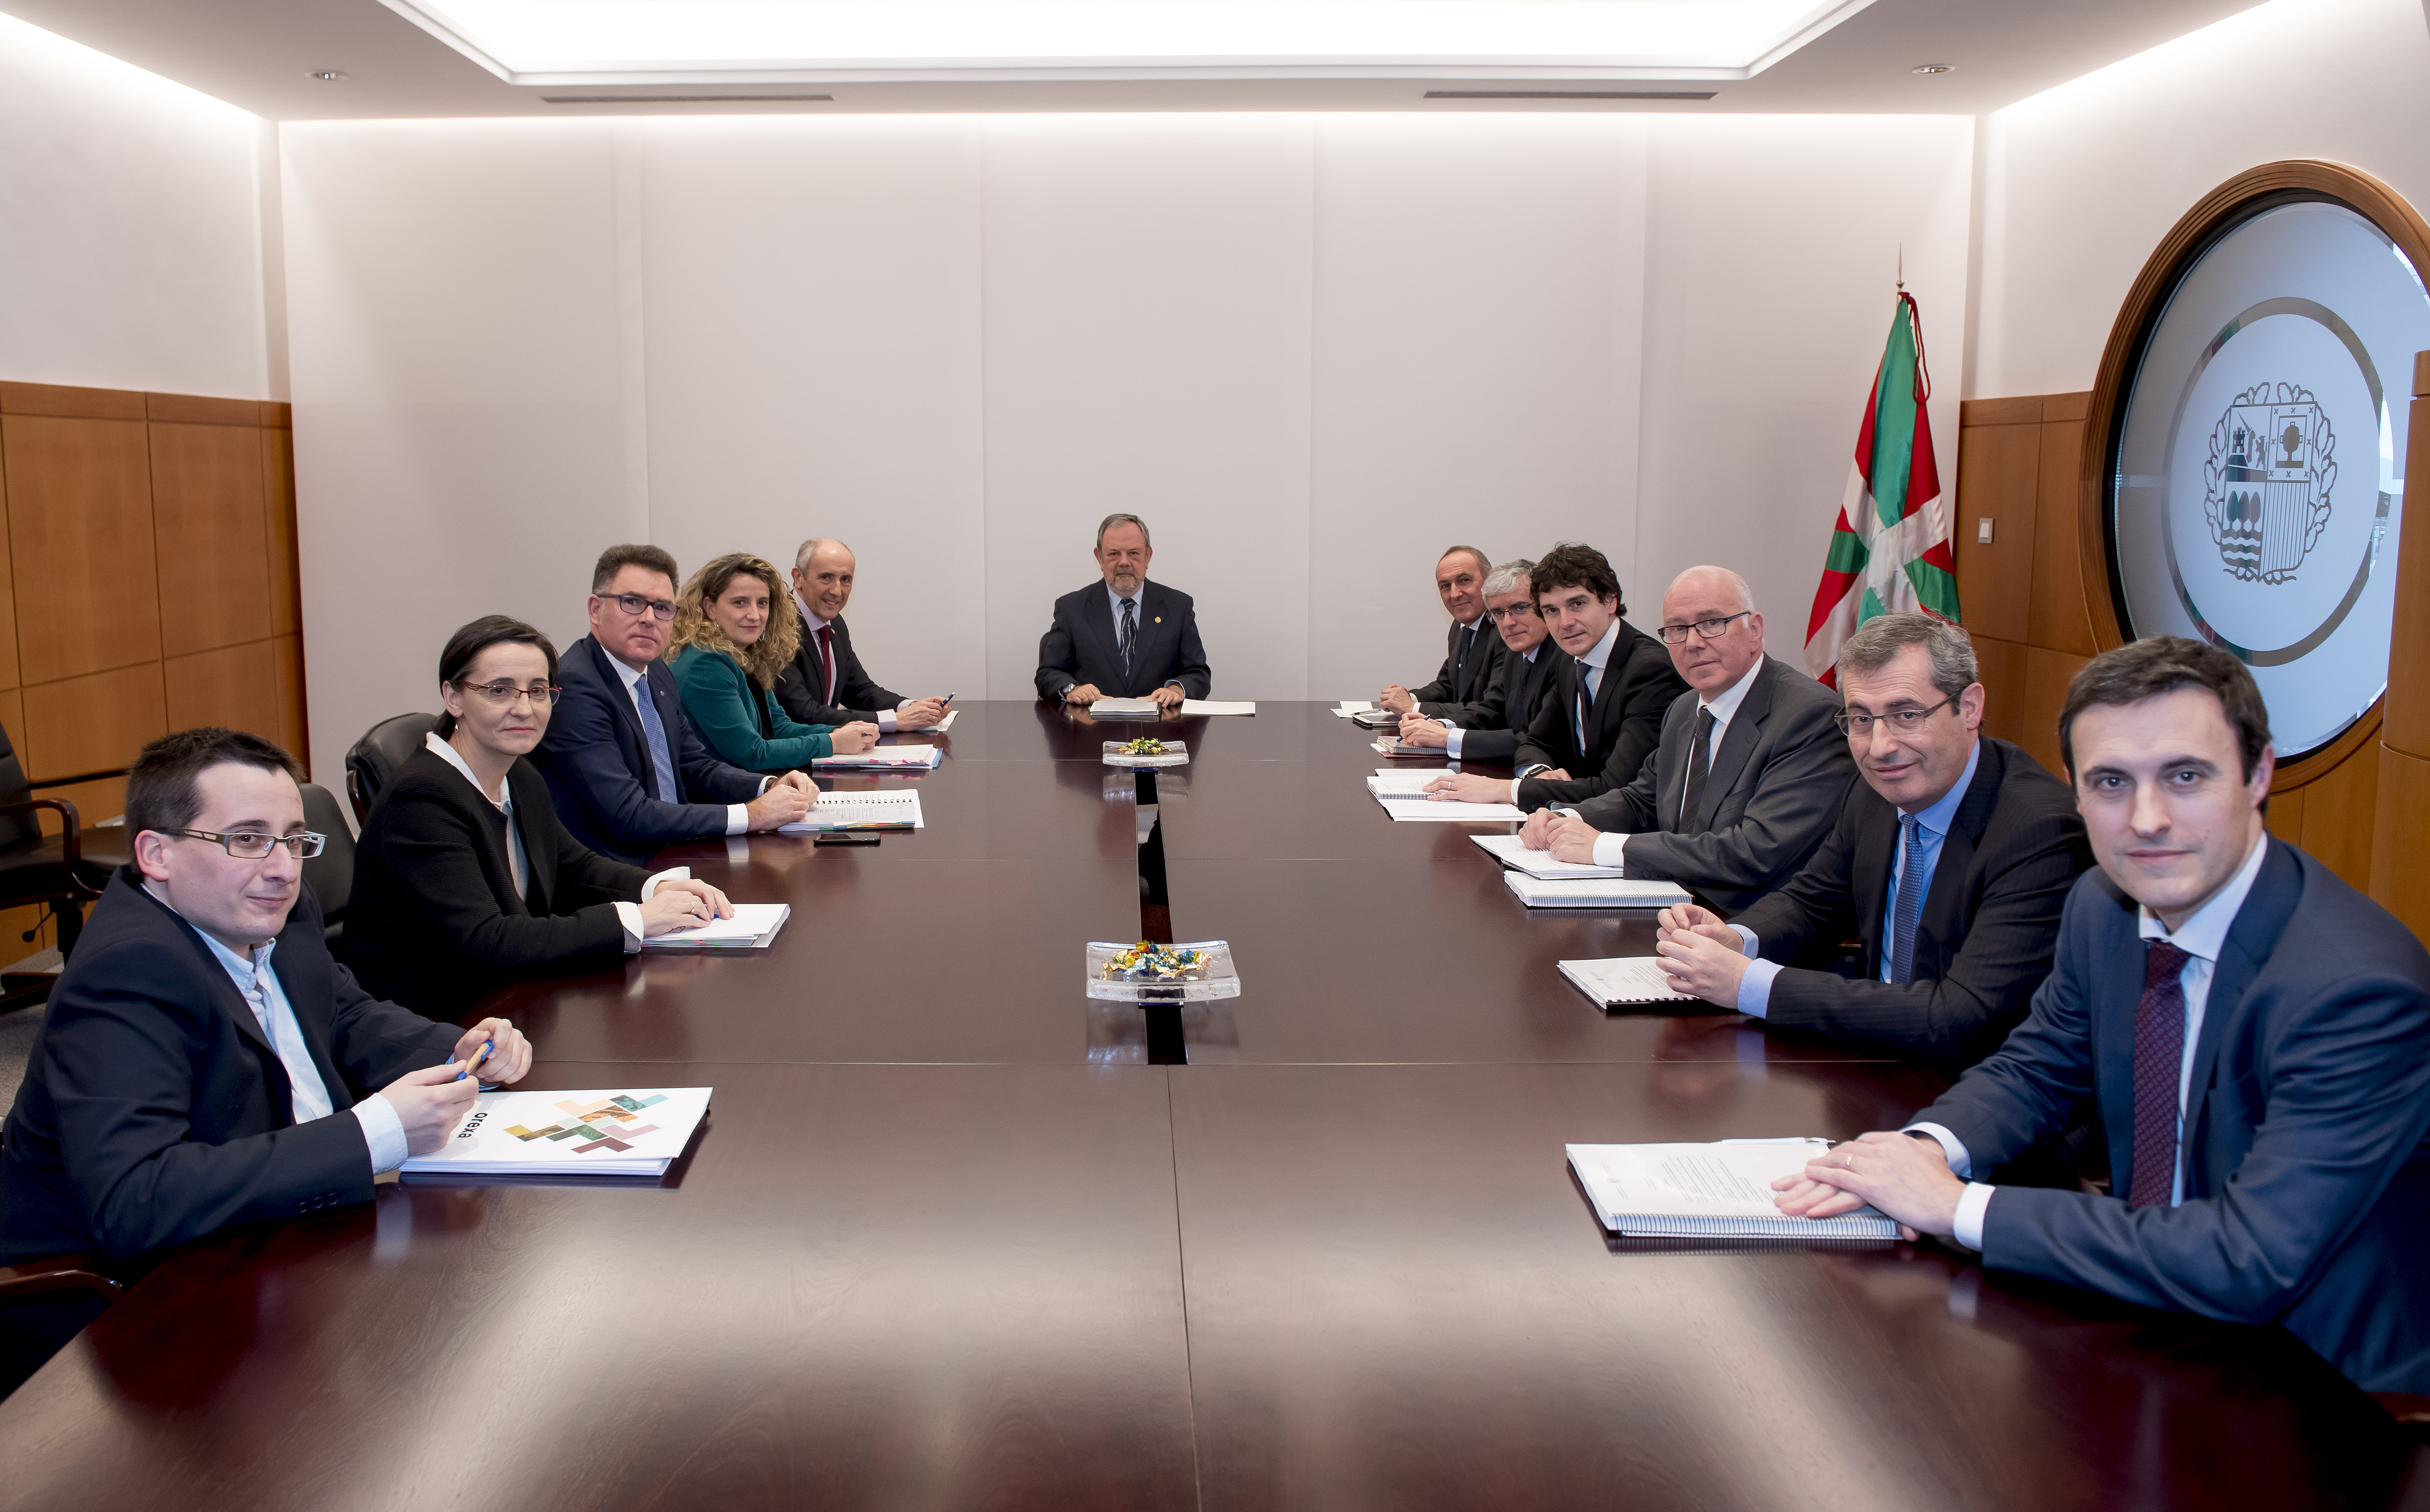 El consejero Azpiazu ha informado de los acuerdos adoptados en el Consejo Vasco de Finanzas Públicas